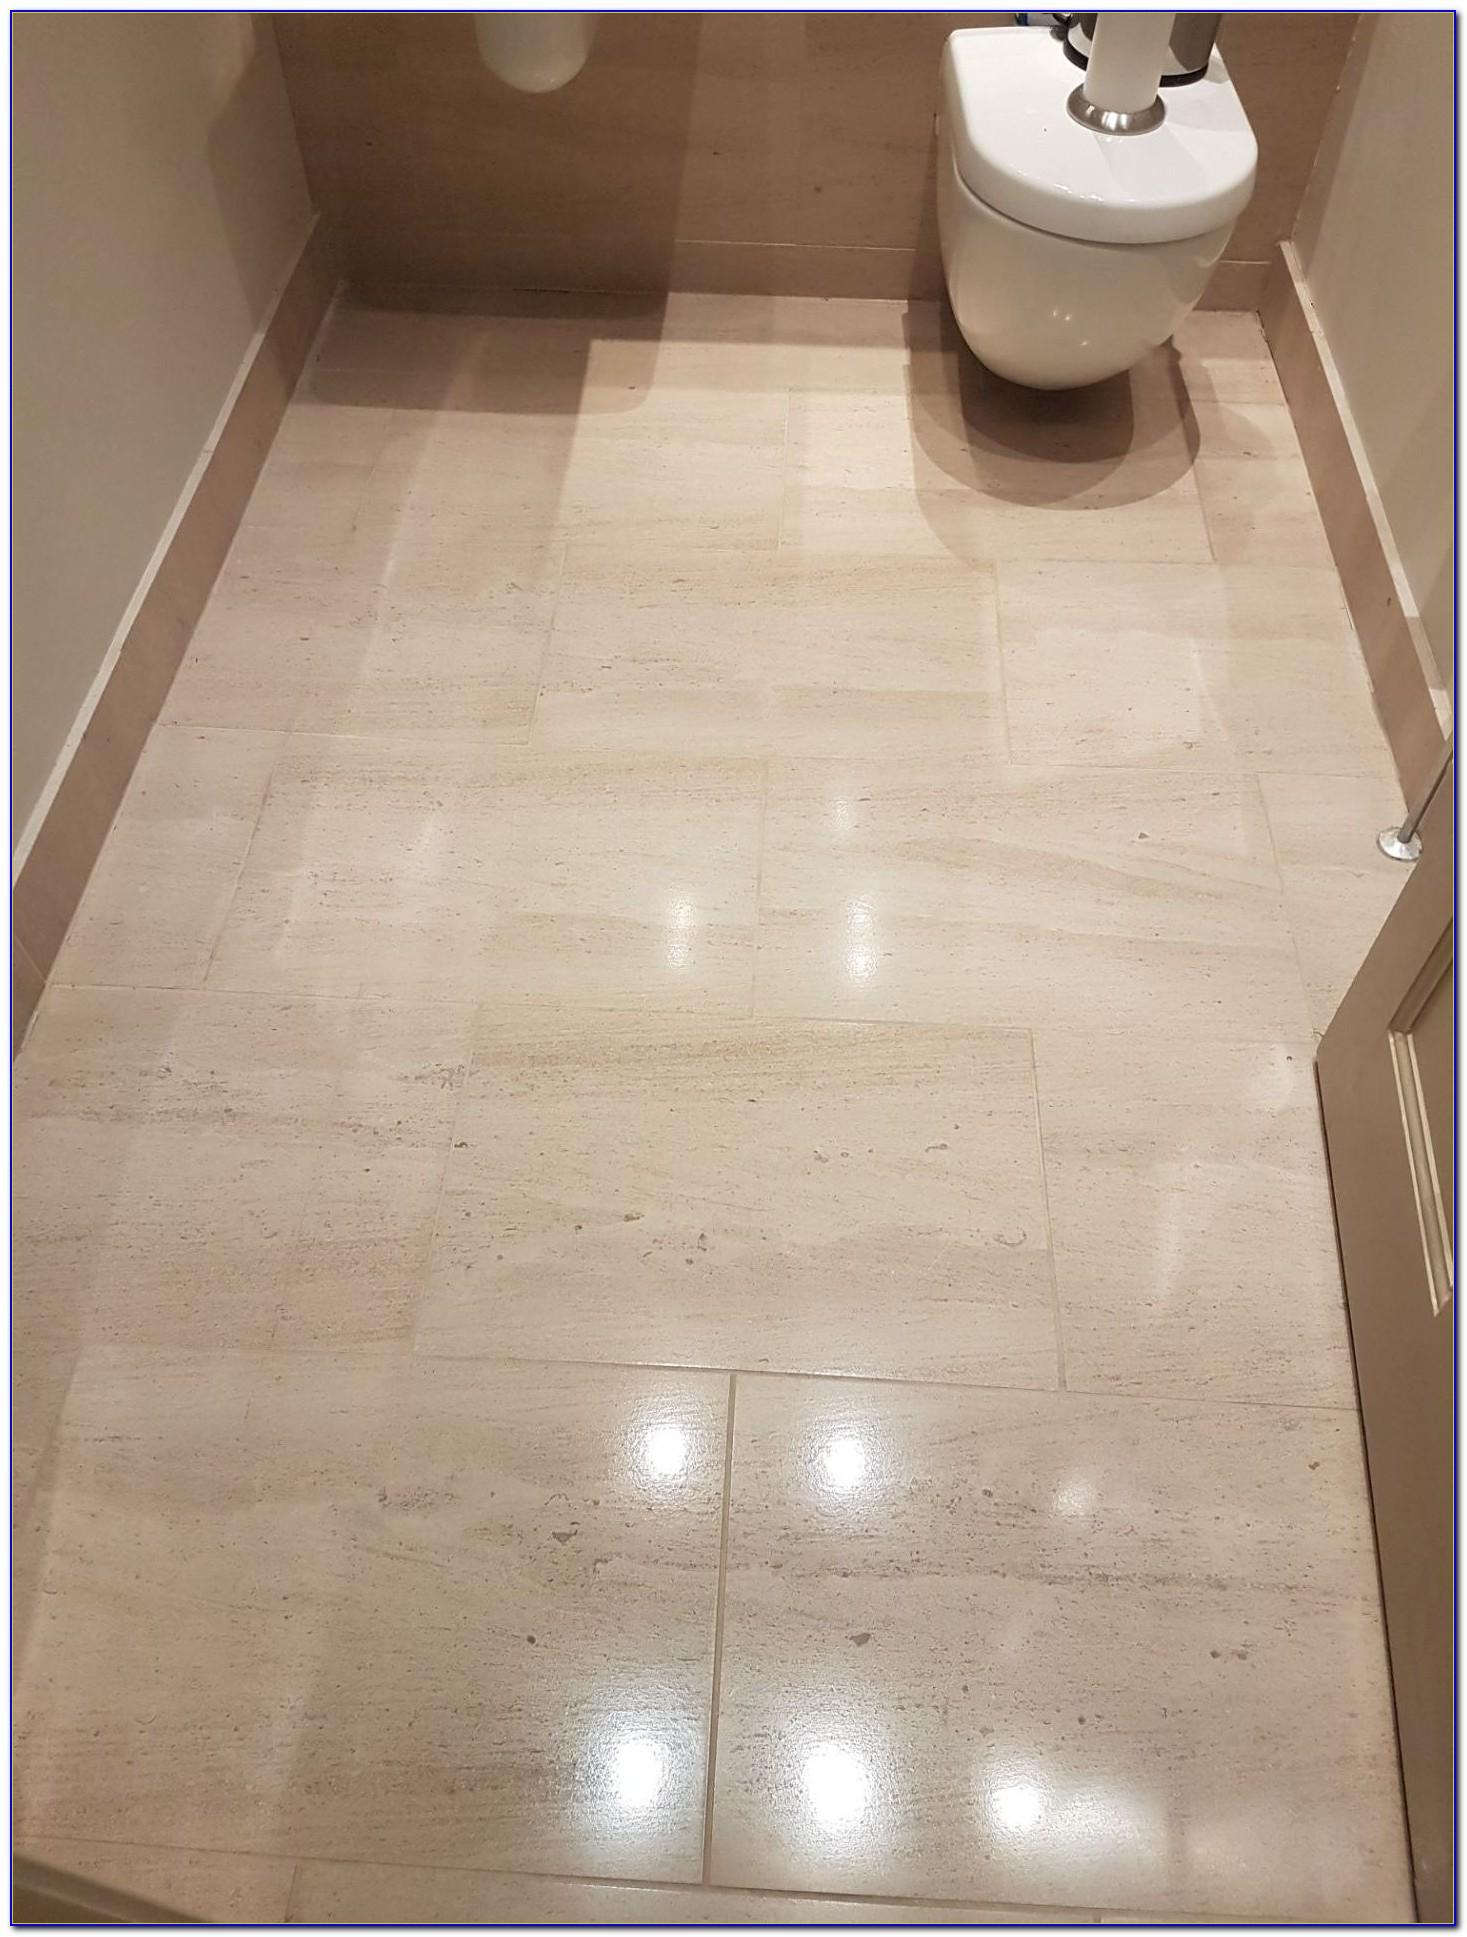 Wet Dry Vacuum For Tile Floors